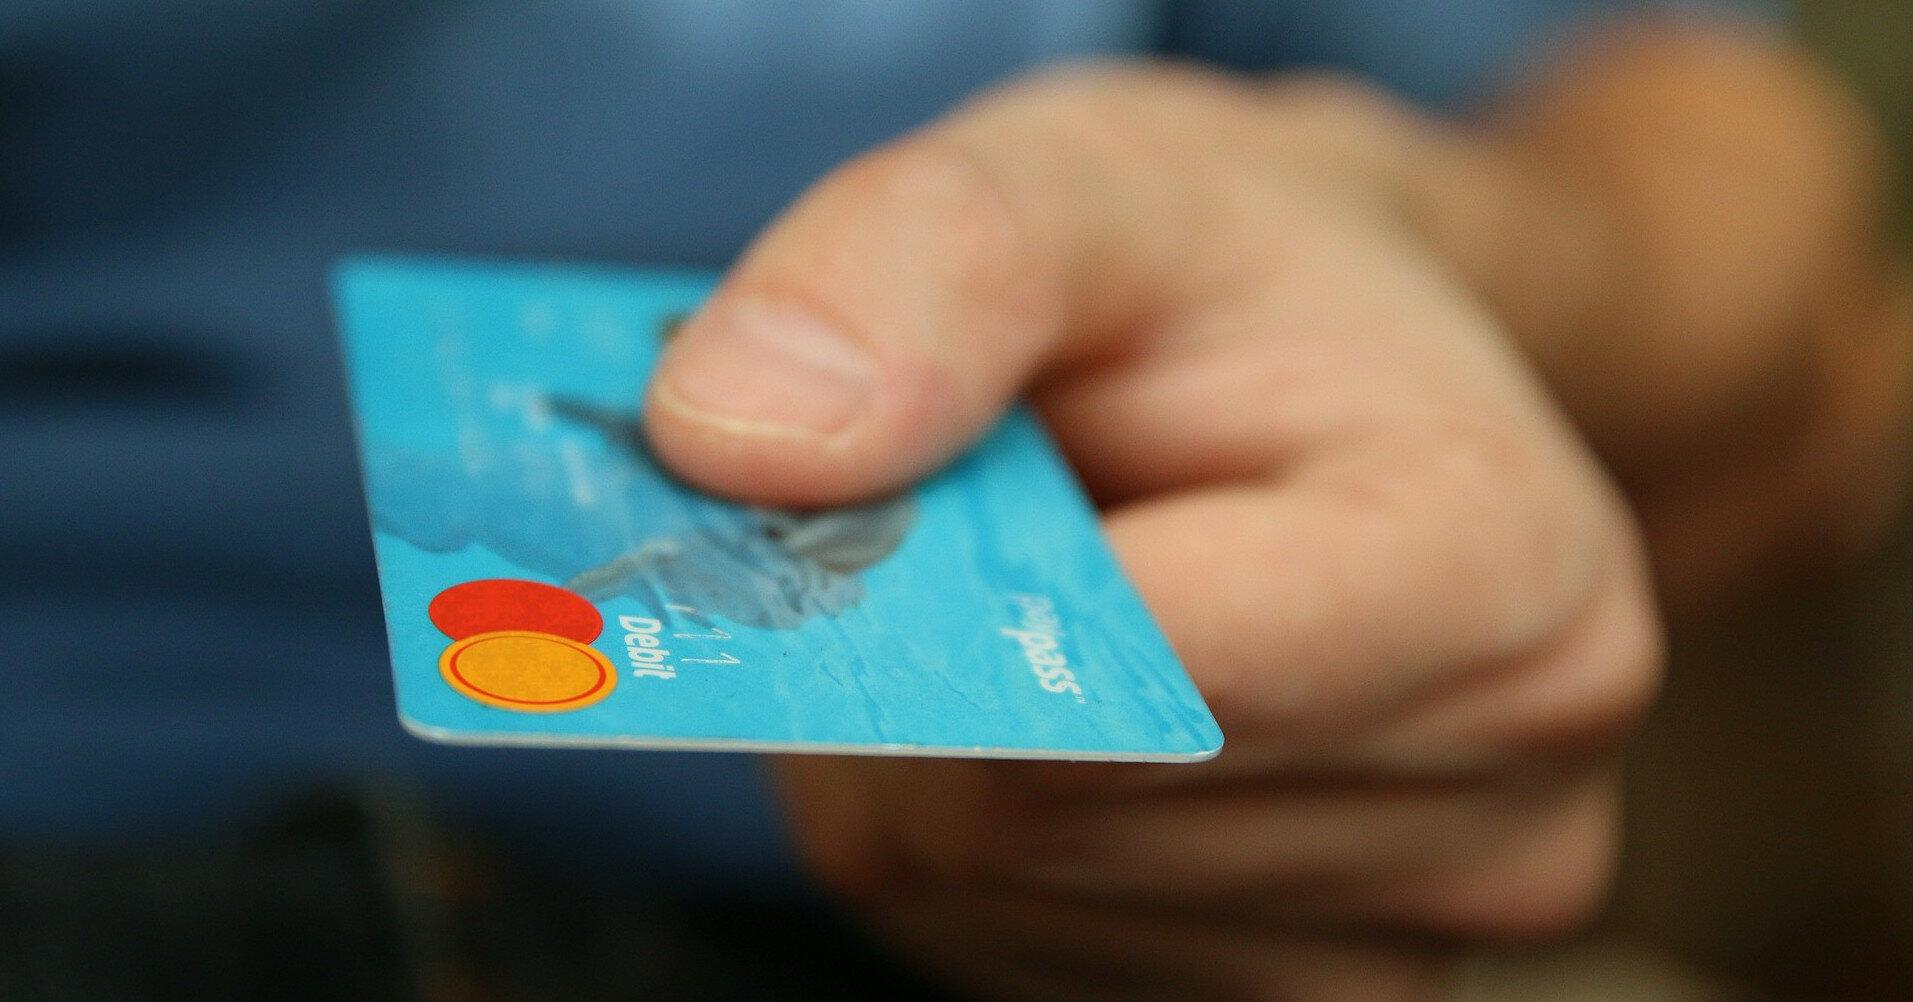 С банковских карт пропадают деньги: схемы обмана